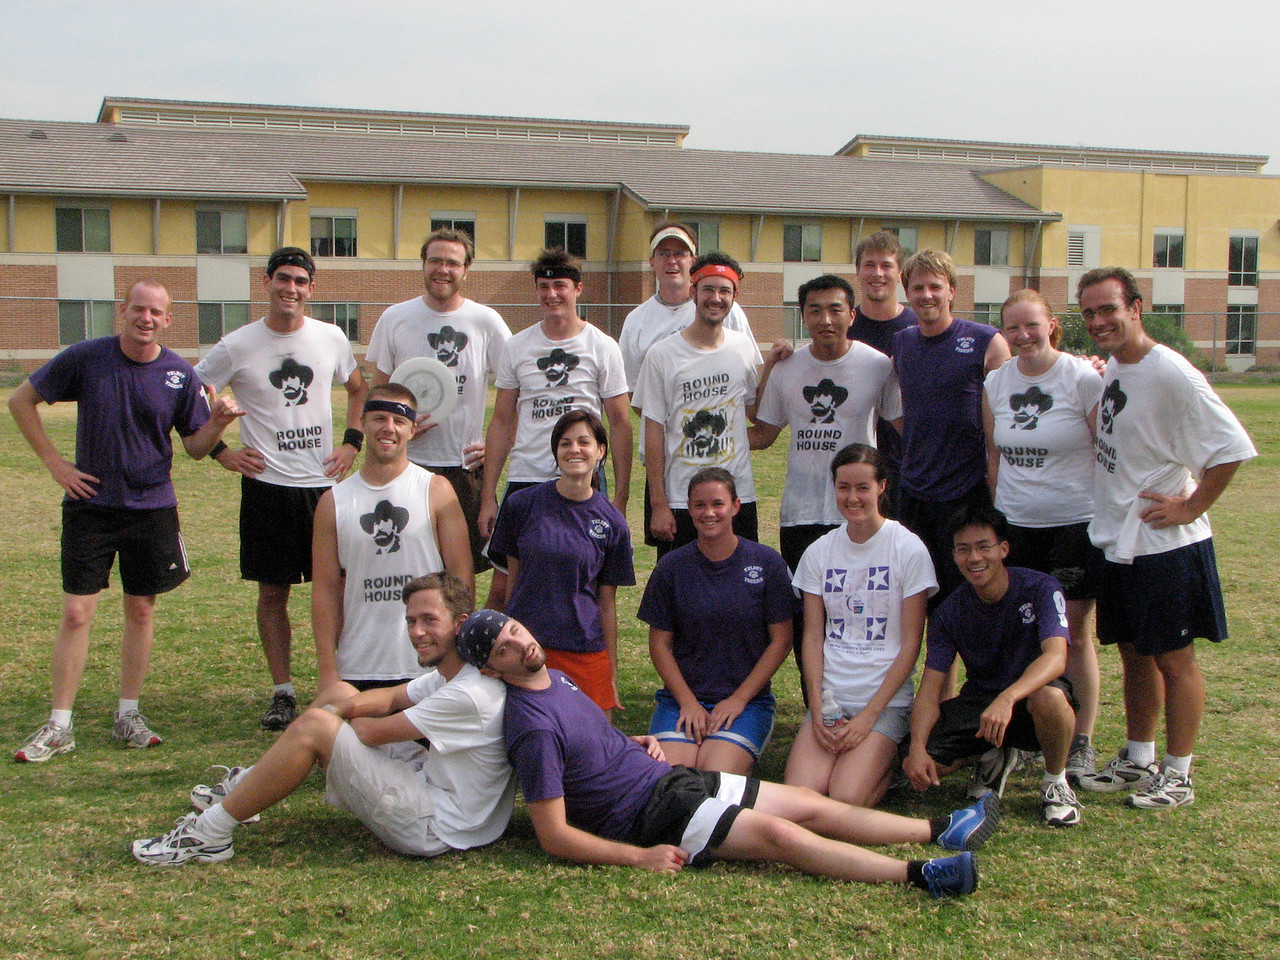 2006 11 03 Fri - Group pic 2